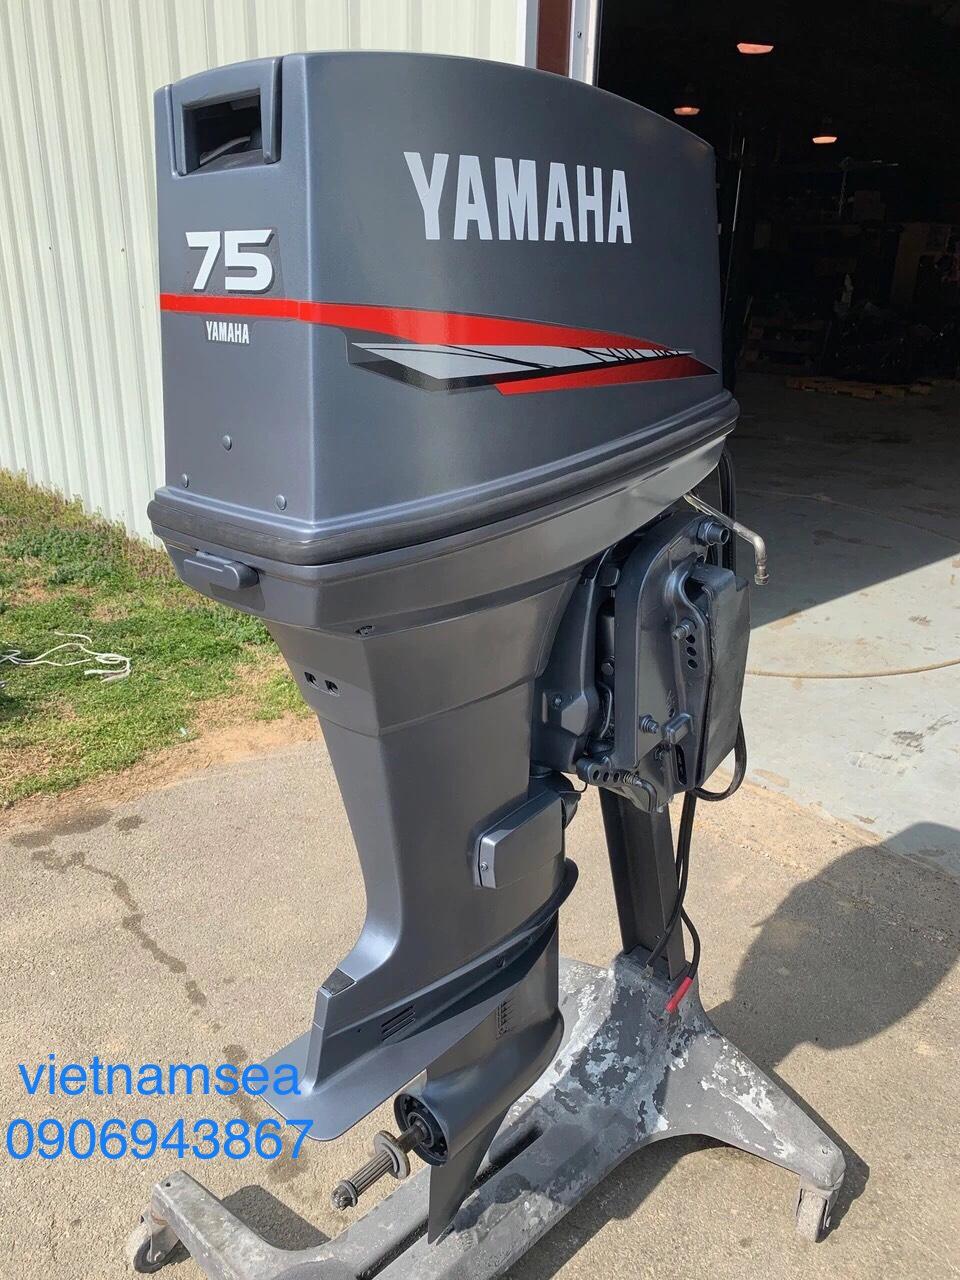 Sửa chữa cano, ca nô 75CV, SG-1146 cho Công An Thành Phố Hồ Chí Minh